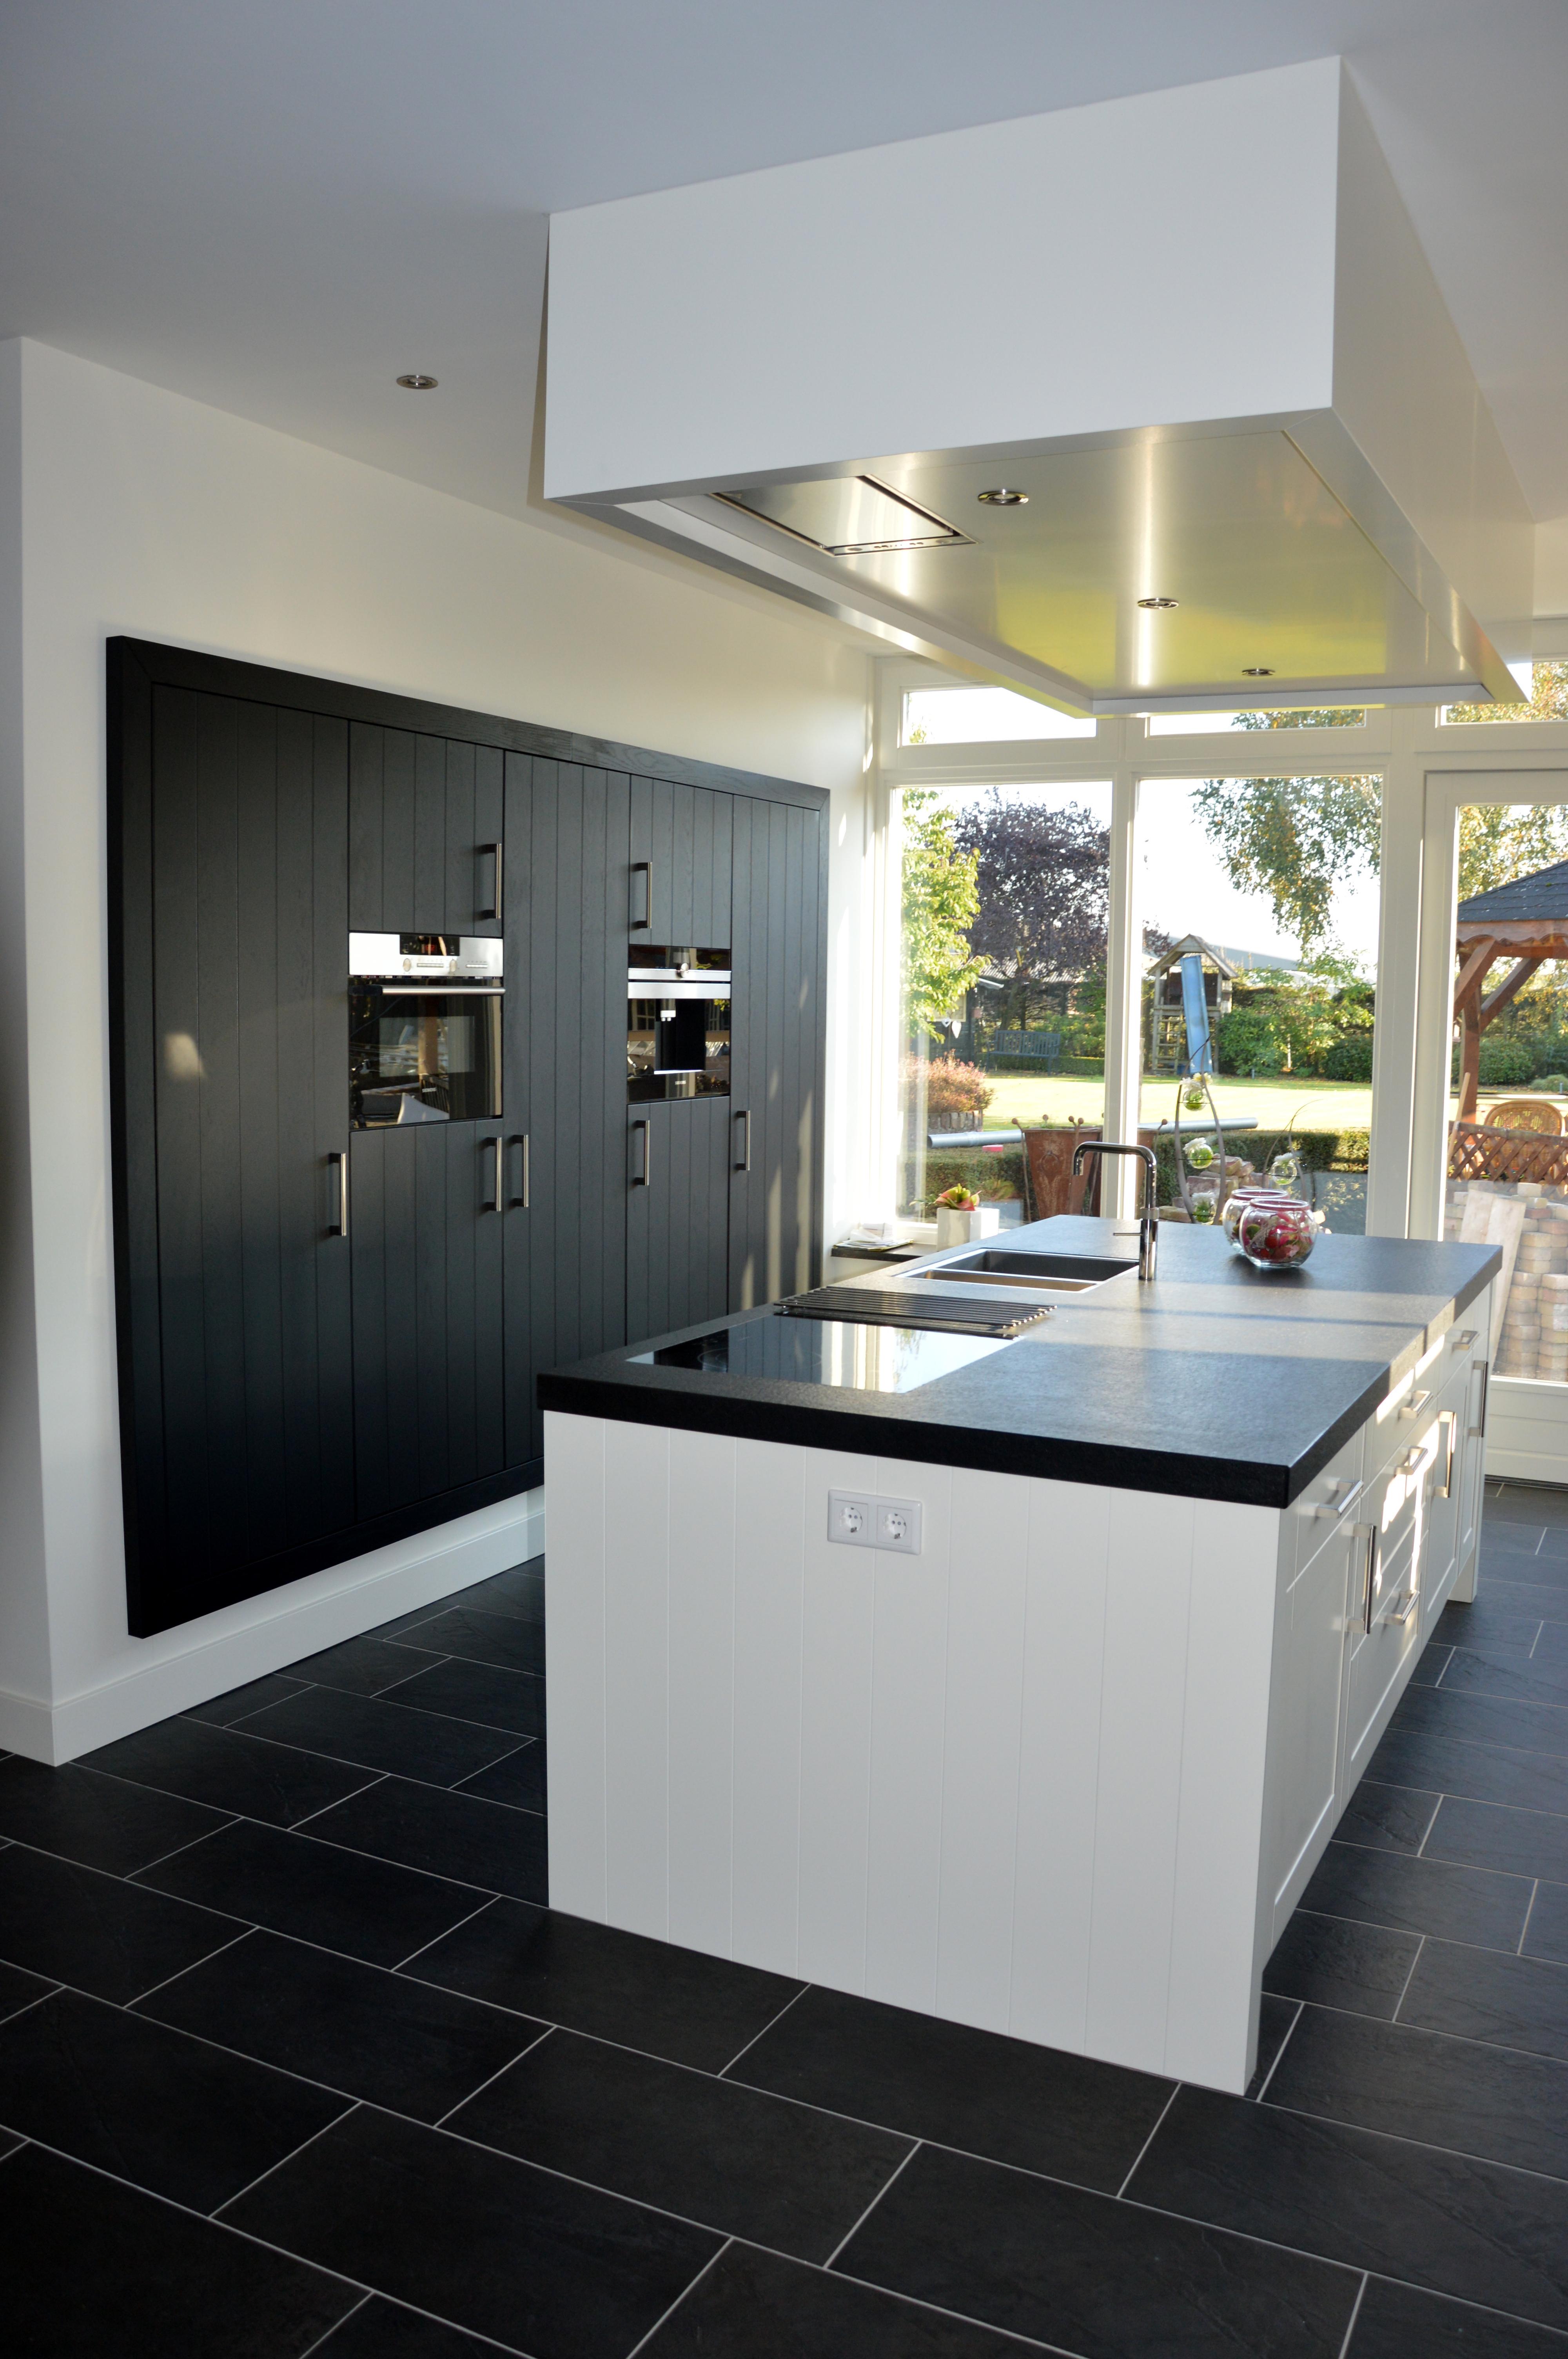 Keuken totaal digtotaal - Moderne oude keuken ...